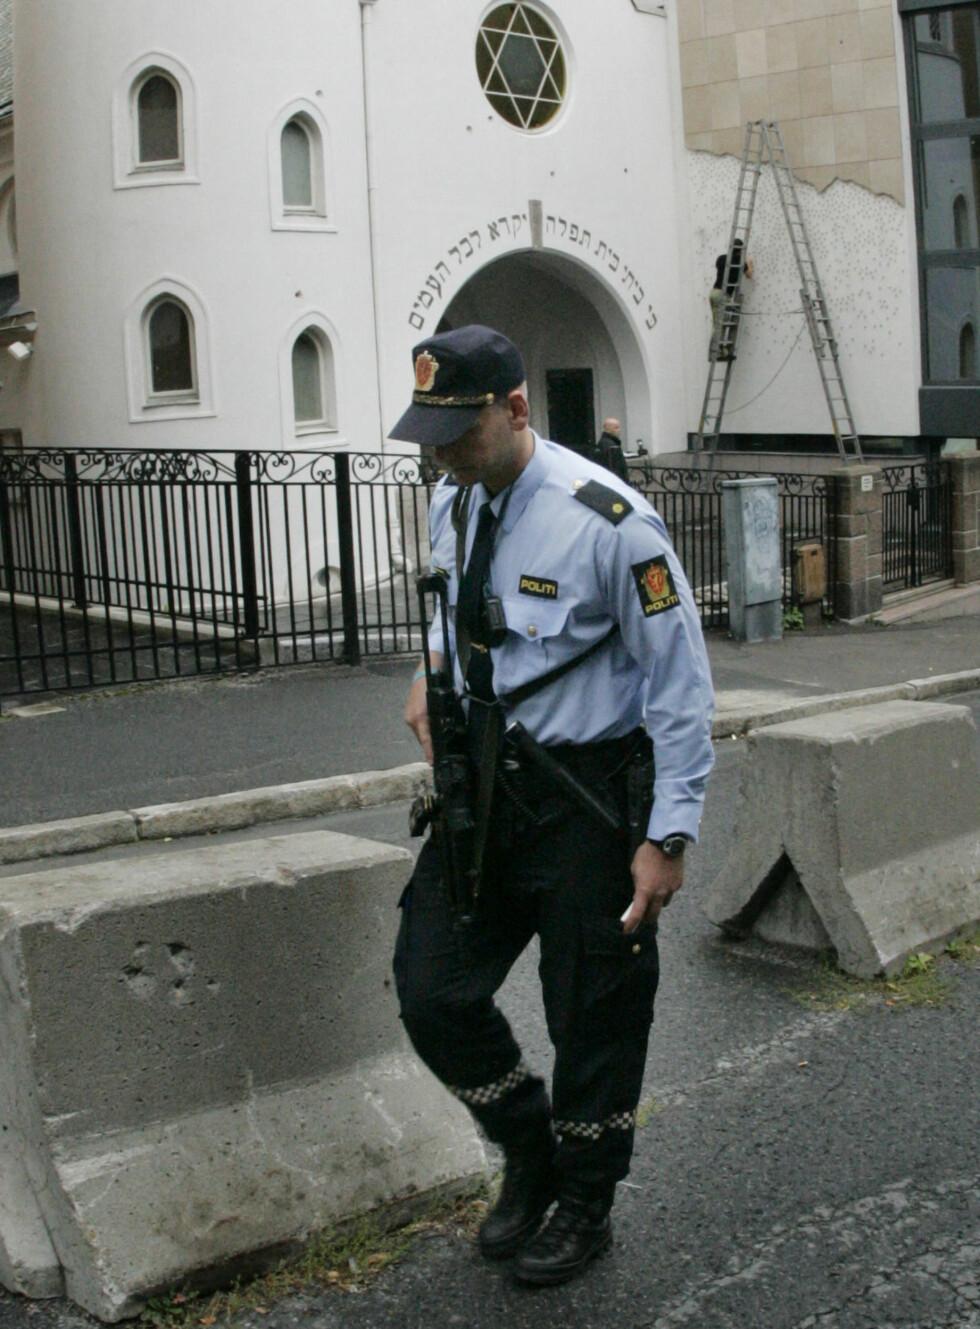 ÅSTED: Mot denne synagogen i Oslo skal det ha blitt løsnet minst 13 skudd. Foto: SCANPIX